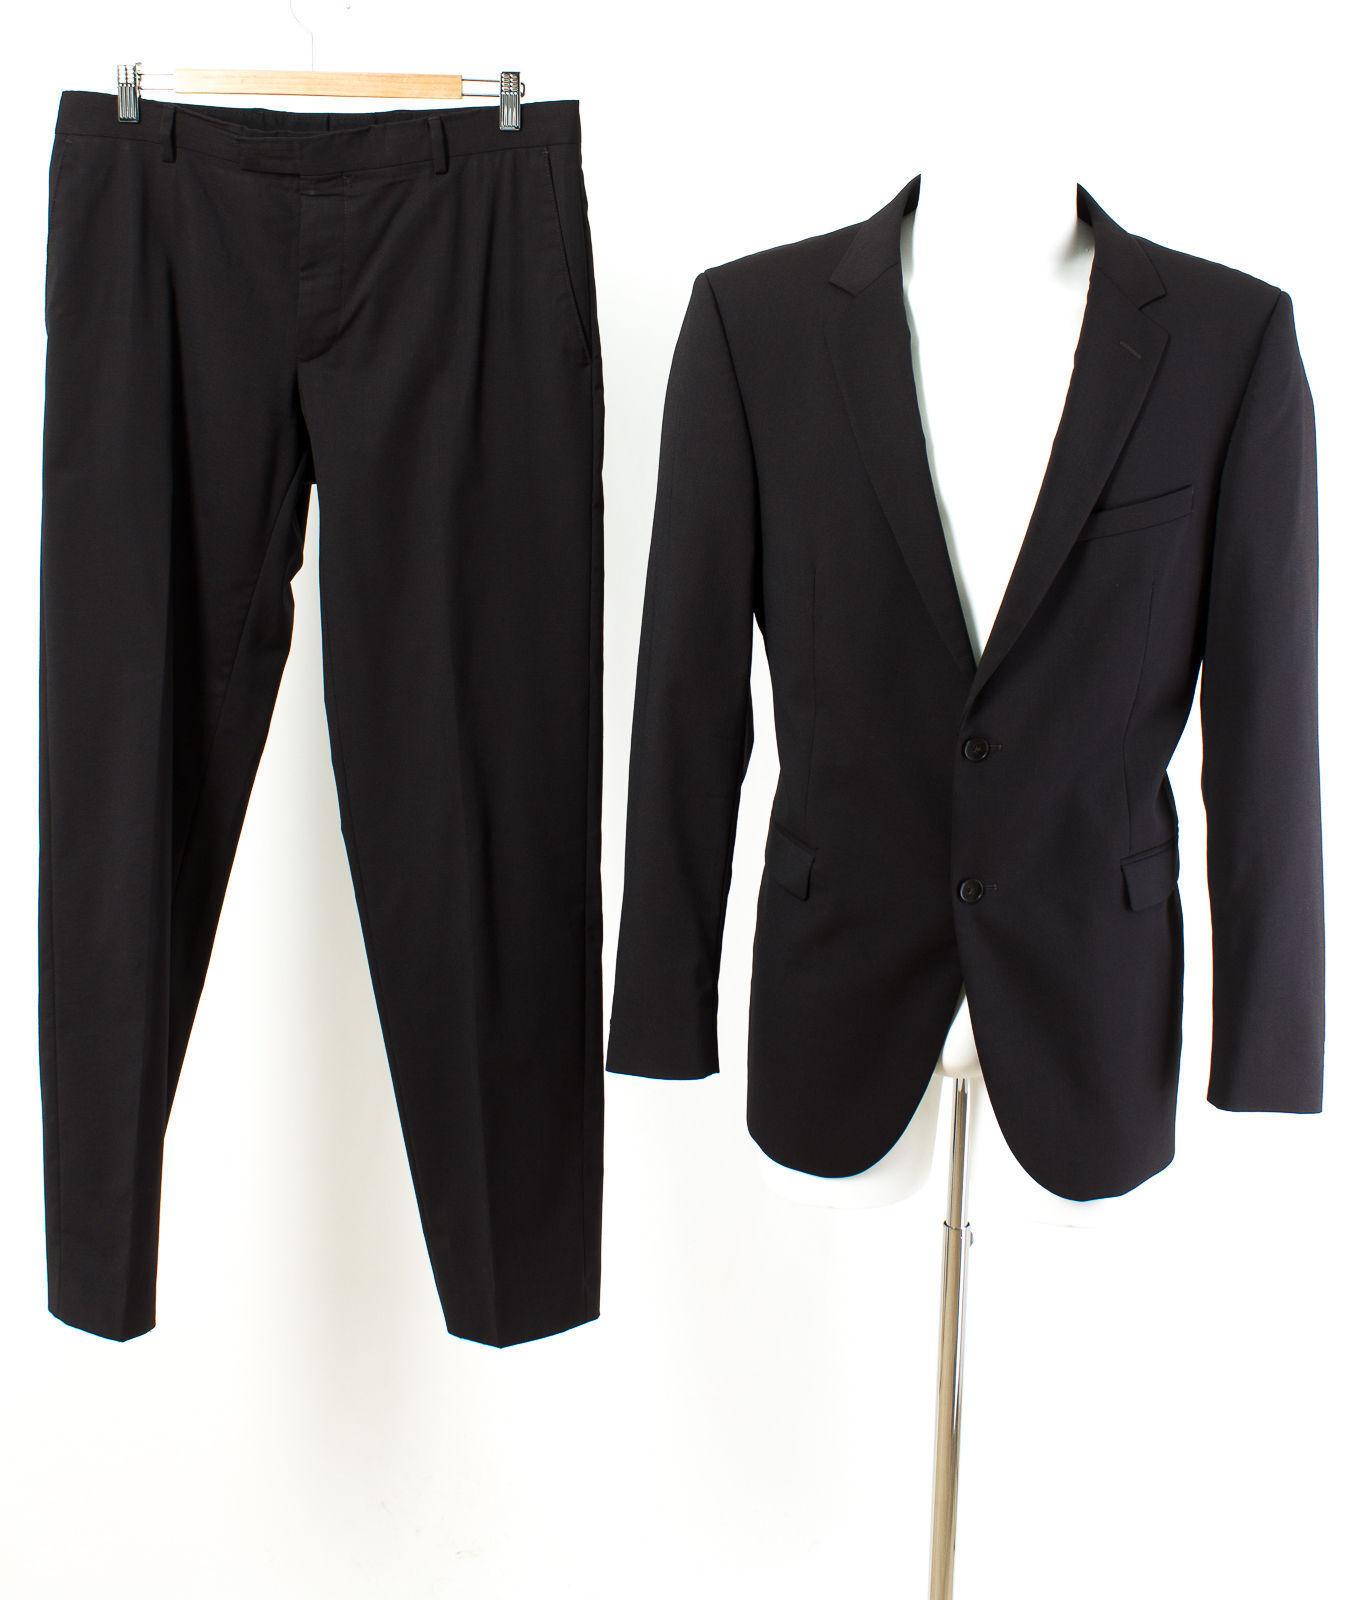 Strellson Anzug Gr. 98 (M Schlank) Wolle Sakko Hose Geschäft Suit